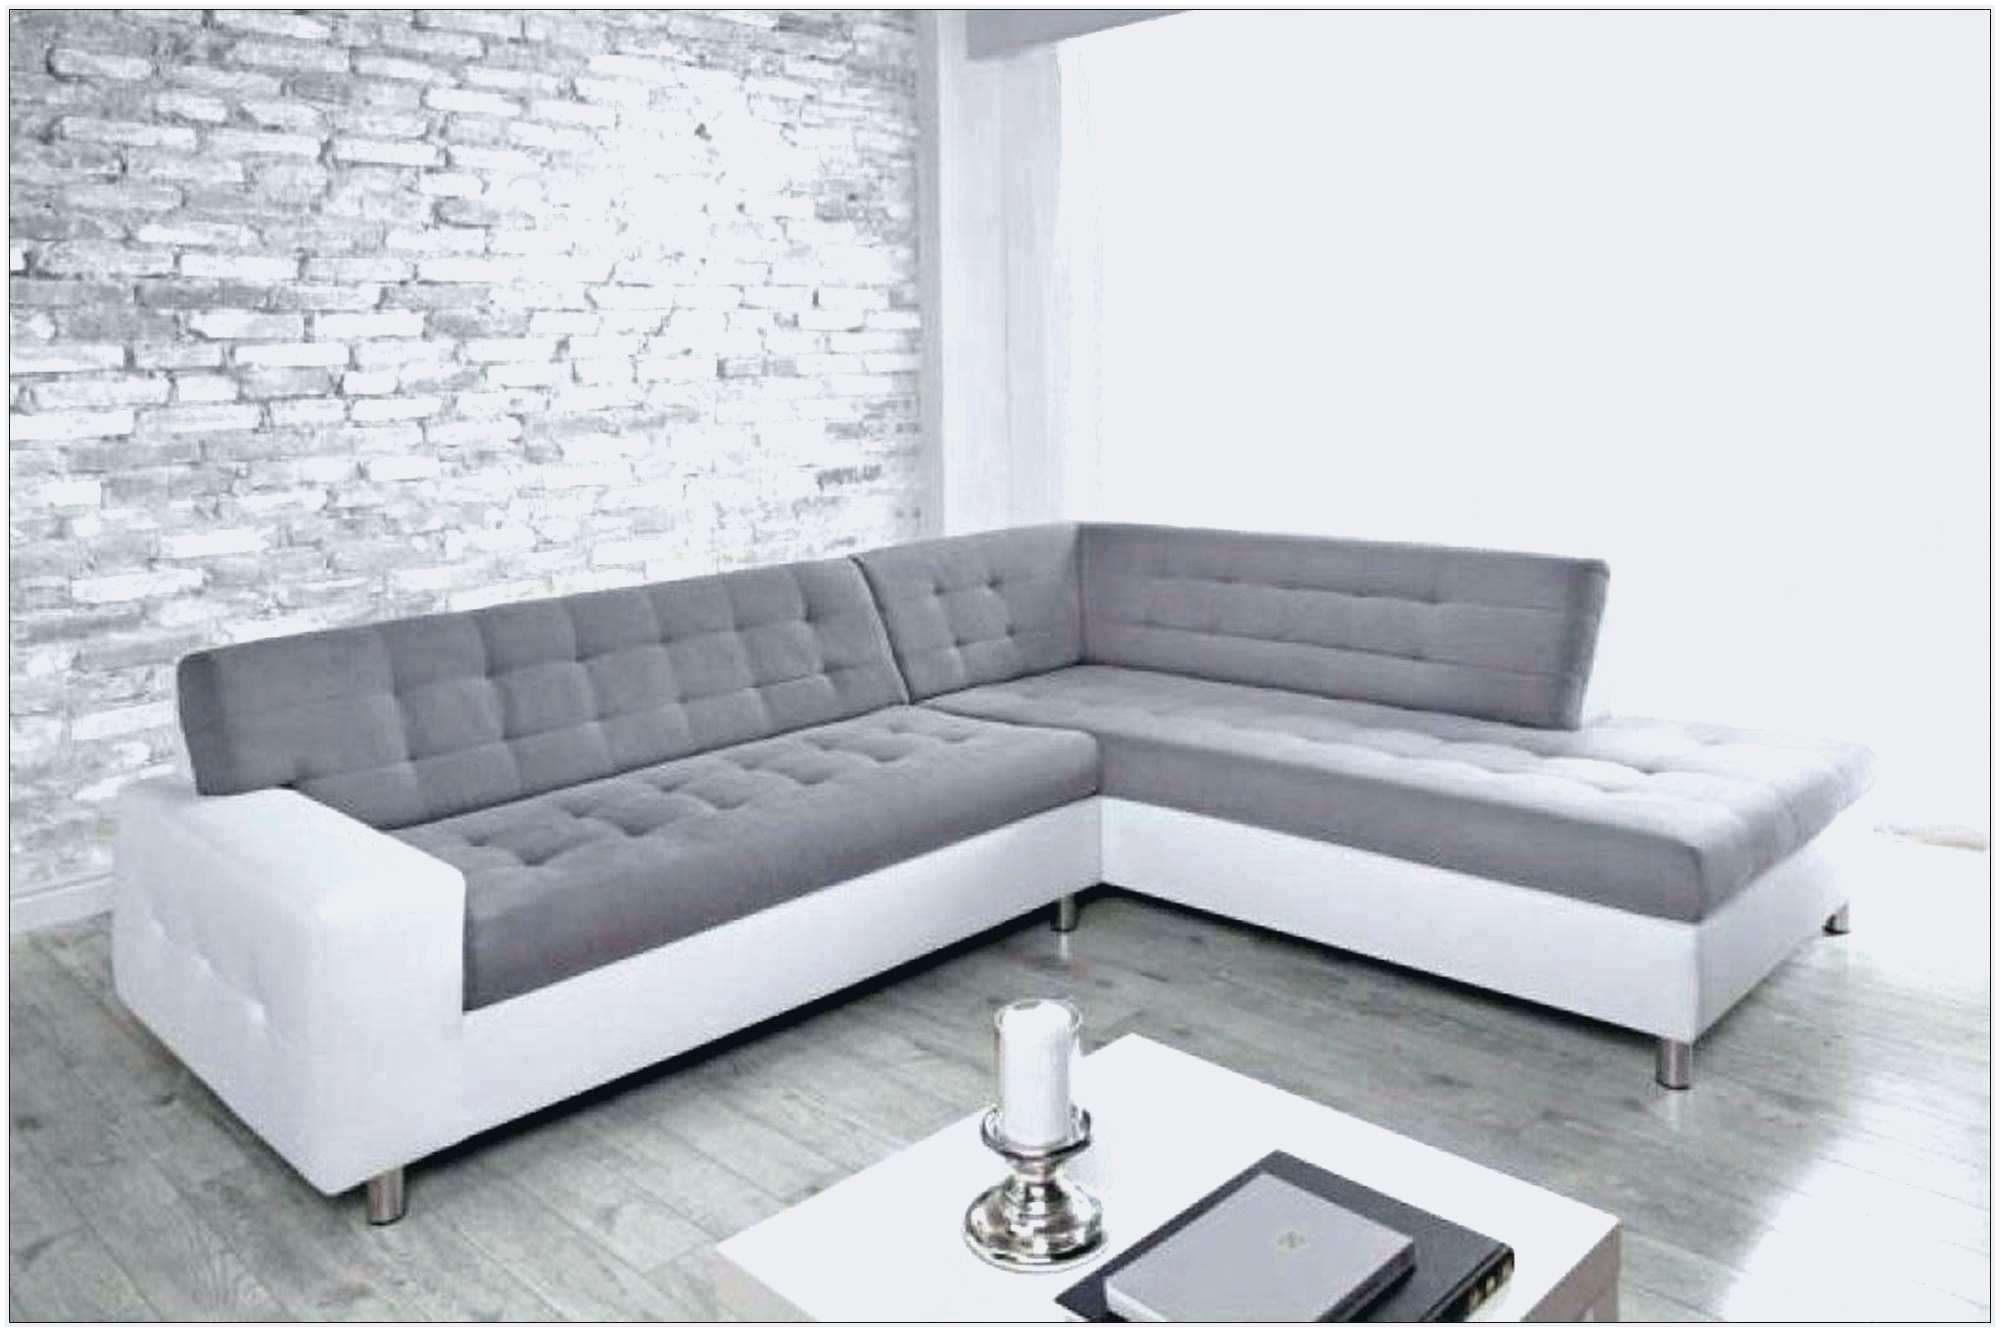 Lit Fer forgé 160×200 Bel Unique Ikea Canapé D Angle Convertible Beau Image Lit 2 Places 25 23